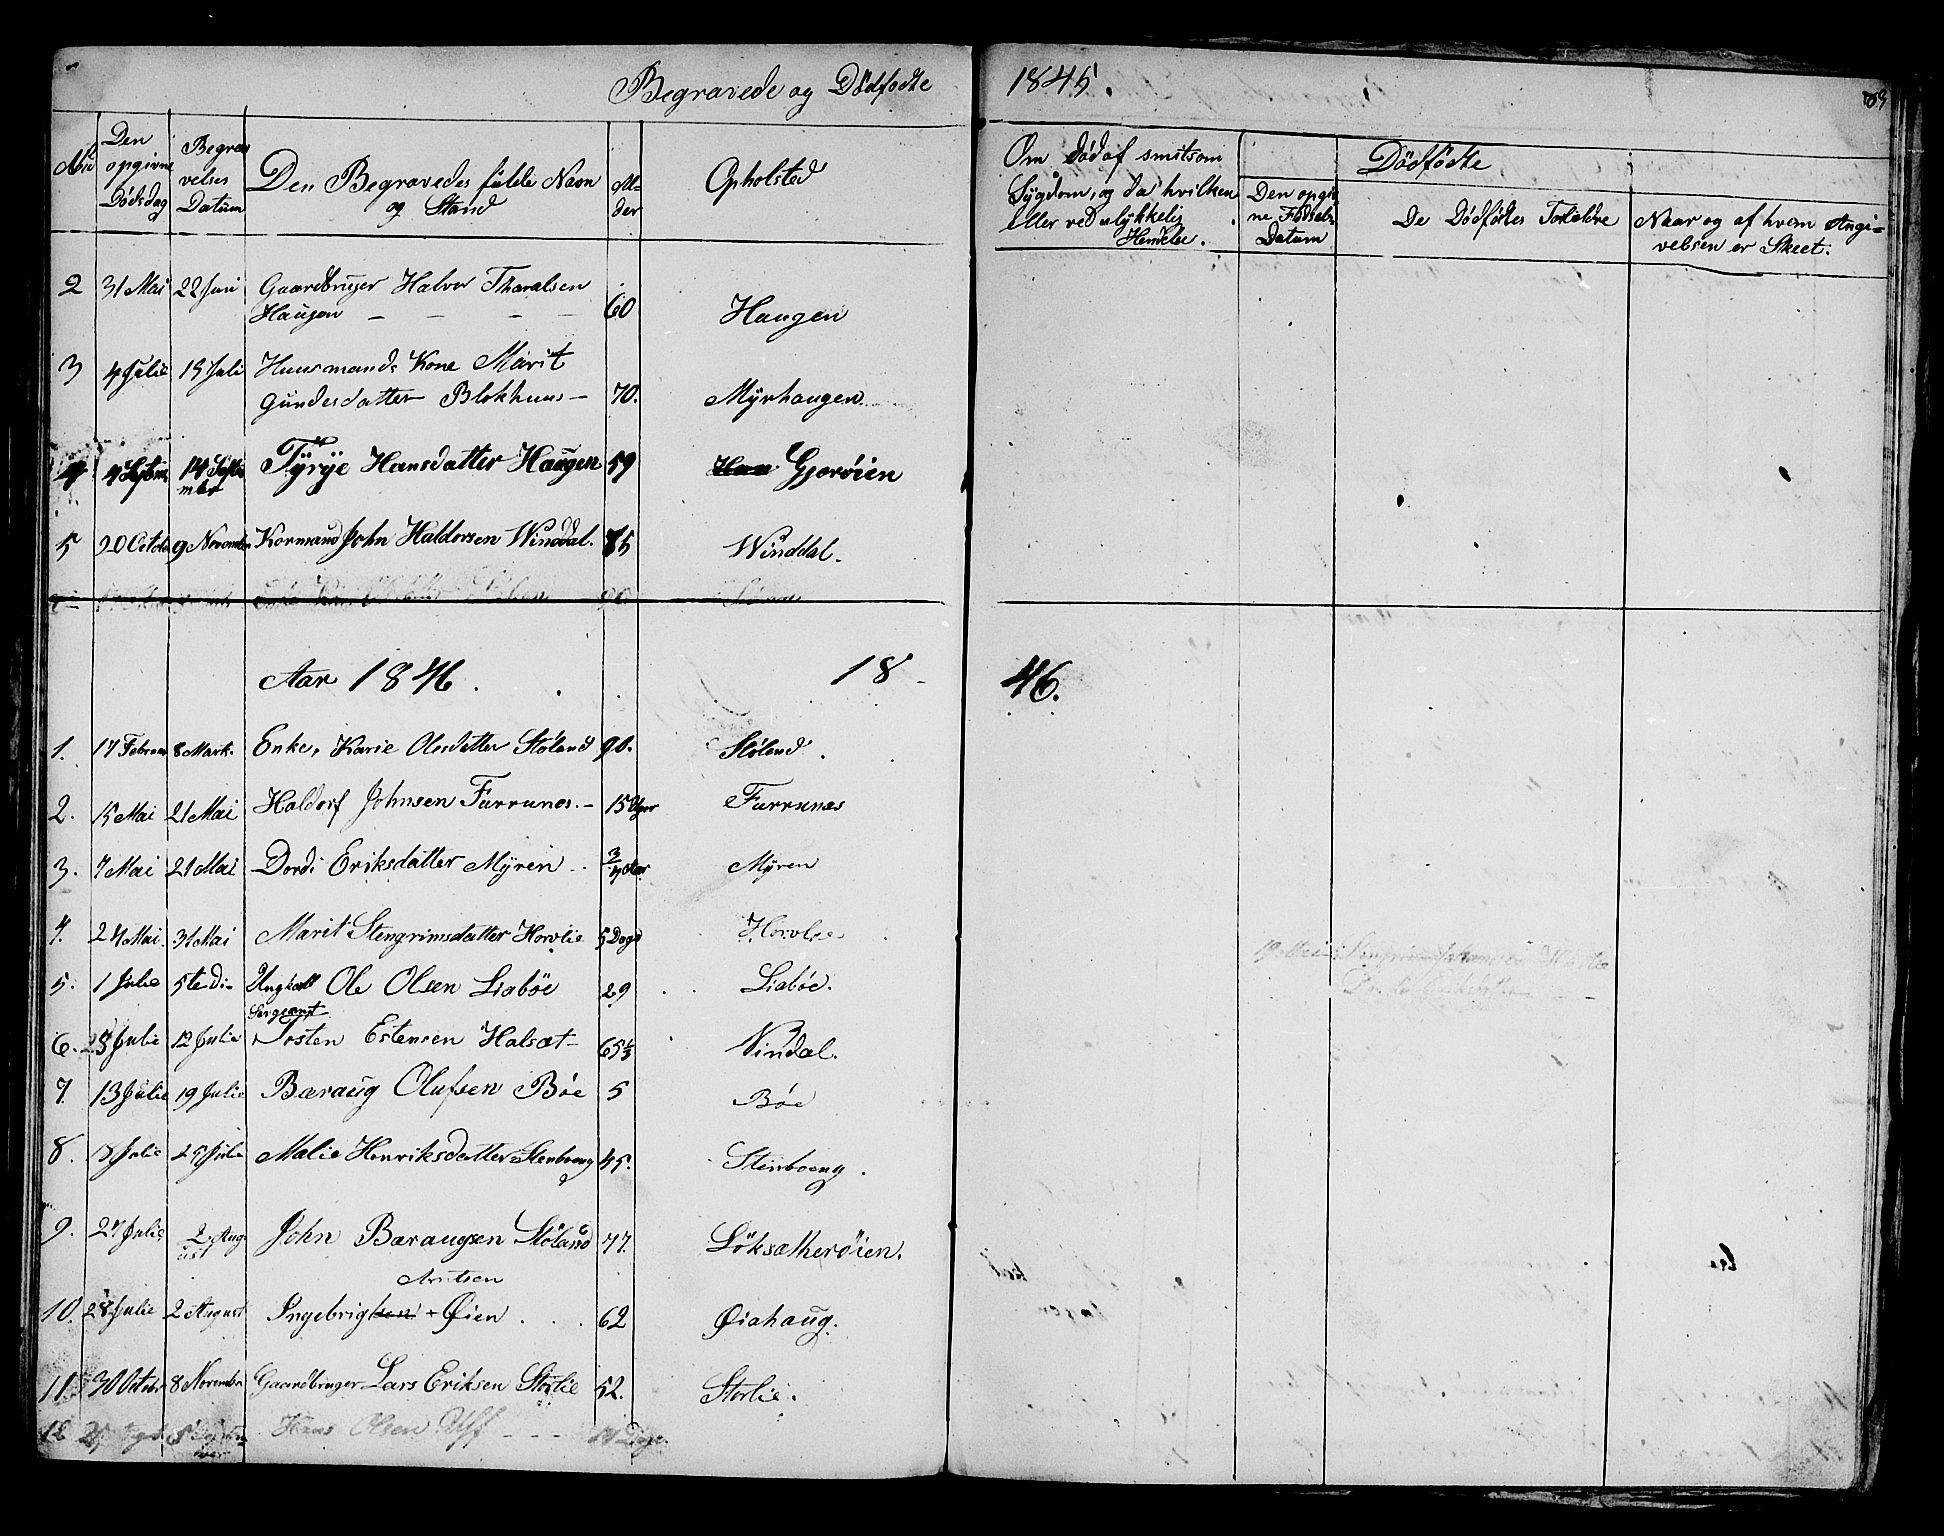 SAT, Ministerialprotokoller, klokkerbøker og fødselsregistre - Sør-Trøndelag, 679/L0922: Klokkerbok nr. 679C02, 1845-1851, s. 82